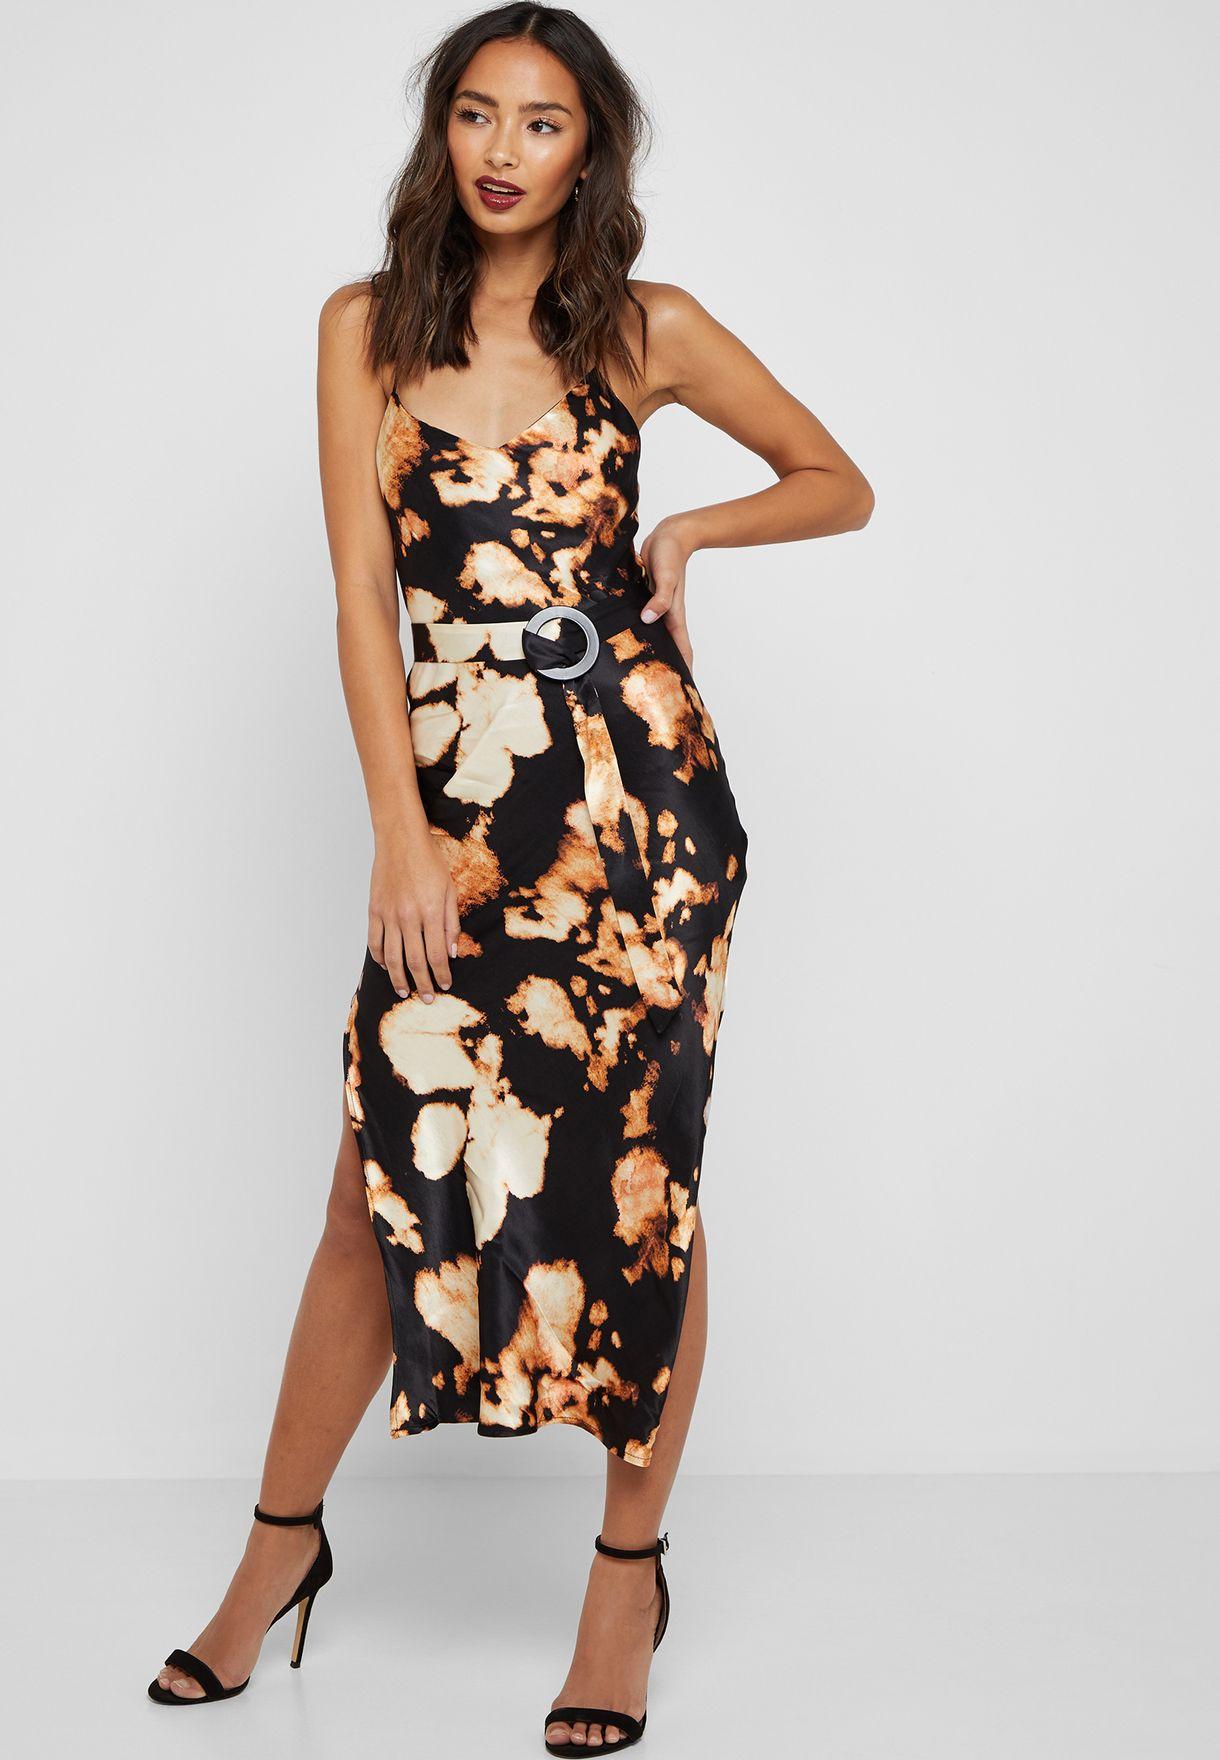 ebe601b0c9bbb Shop Topshop prints Tie Dye Belted Slip Dress 10W06QBLK for Women in ...